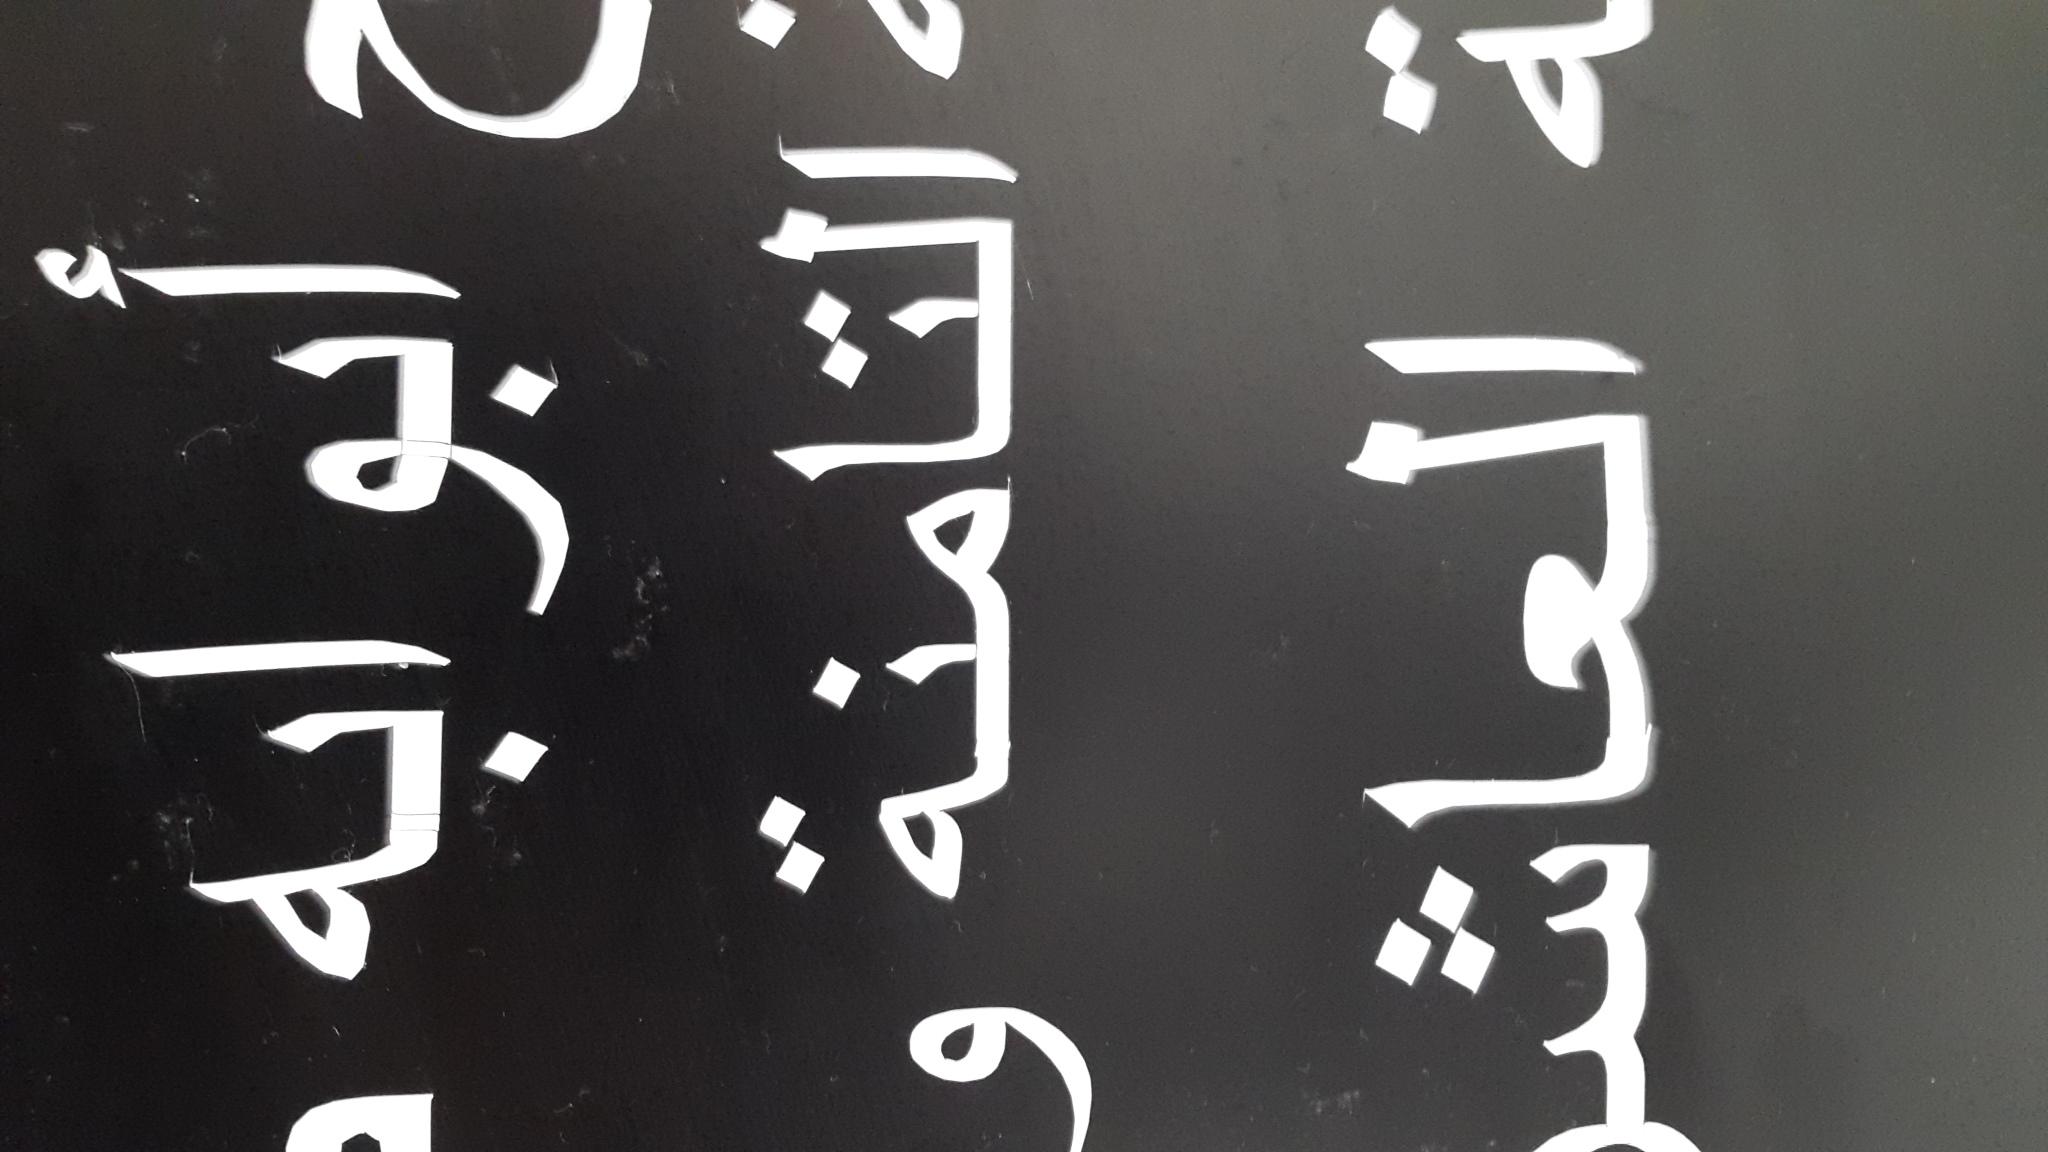 """الفرنسيون مرضى: """"كارفور"""" طنجة تستمتع بإهانة اللغة العربية"""